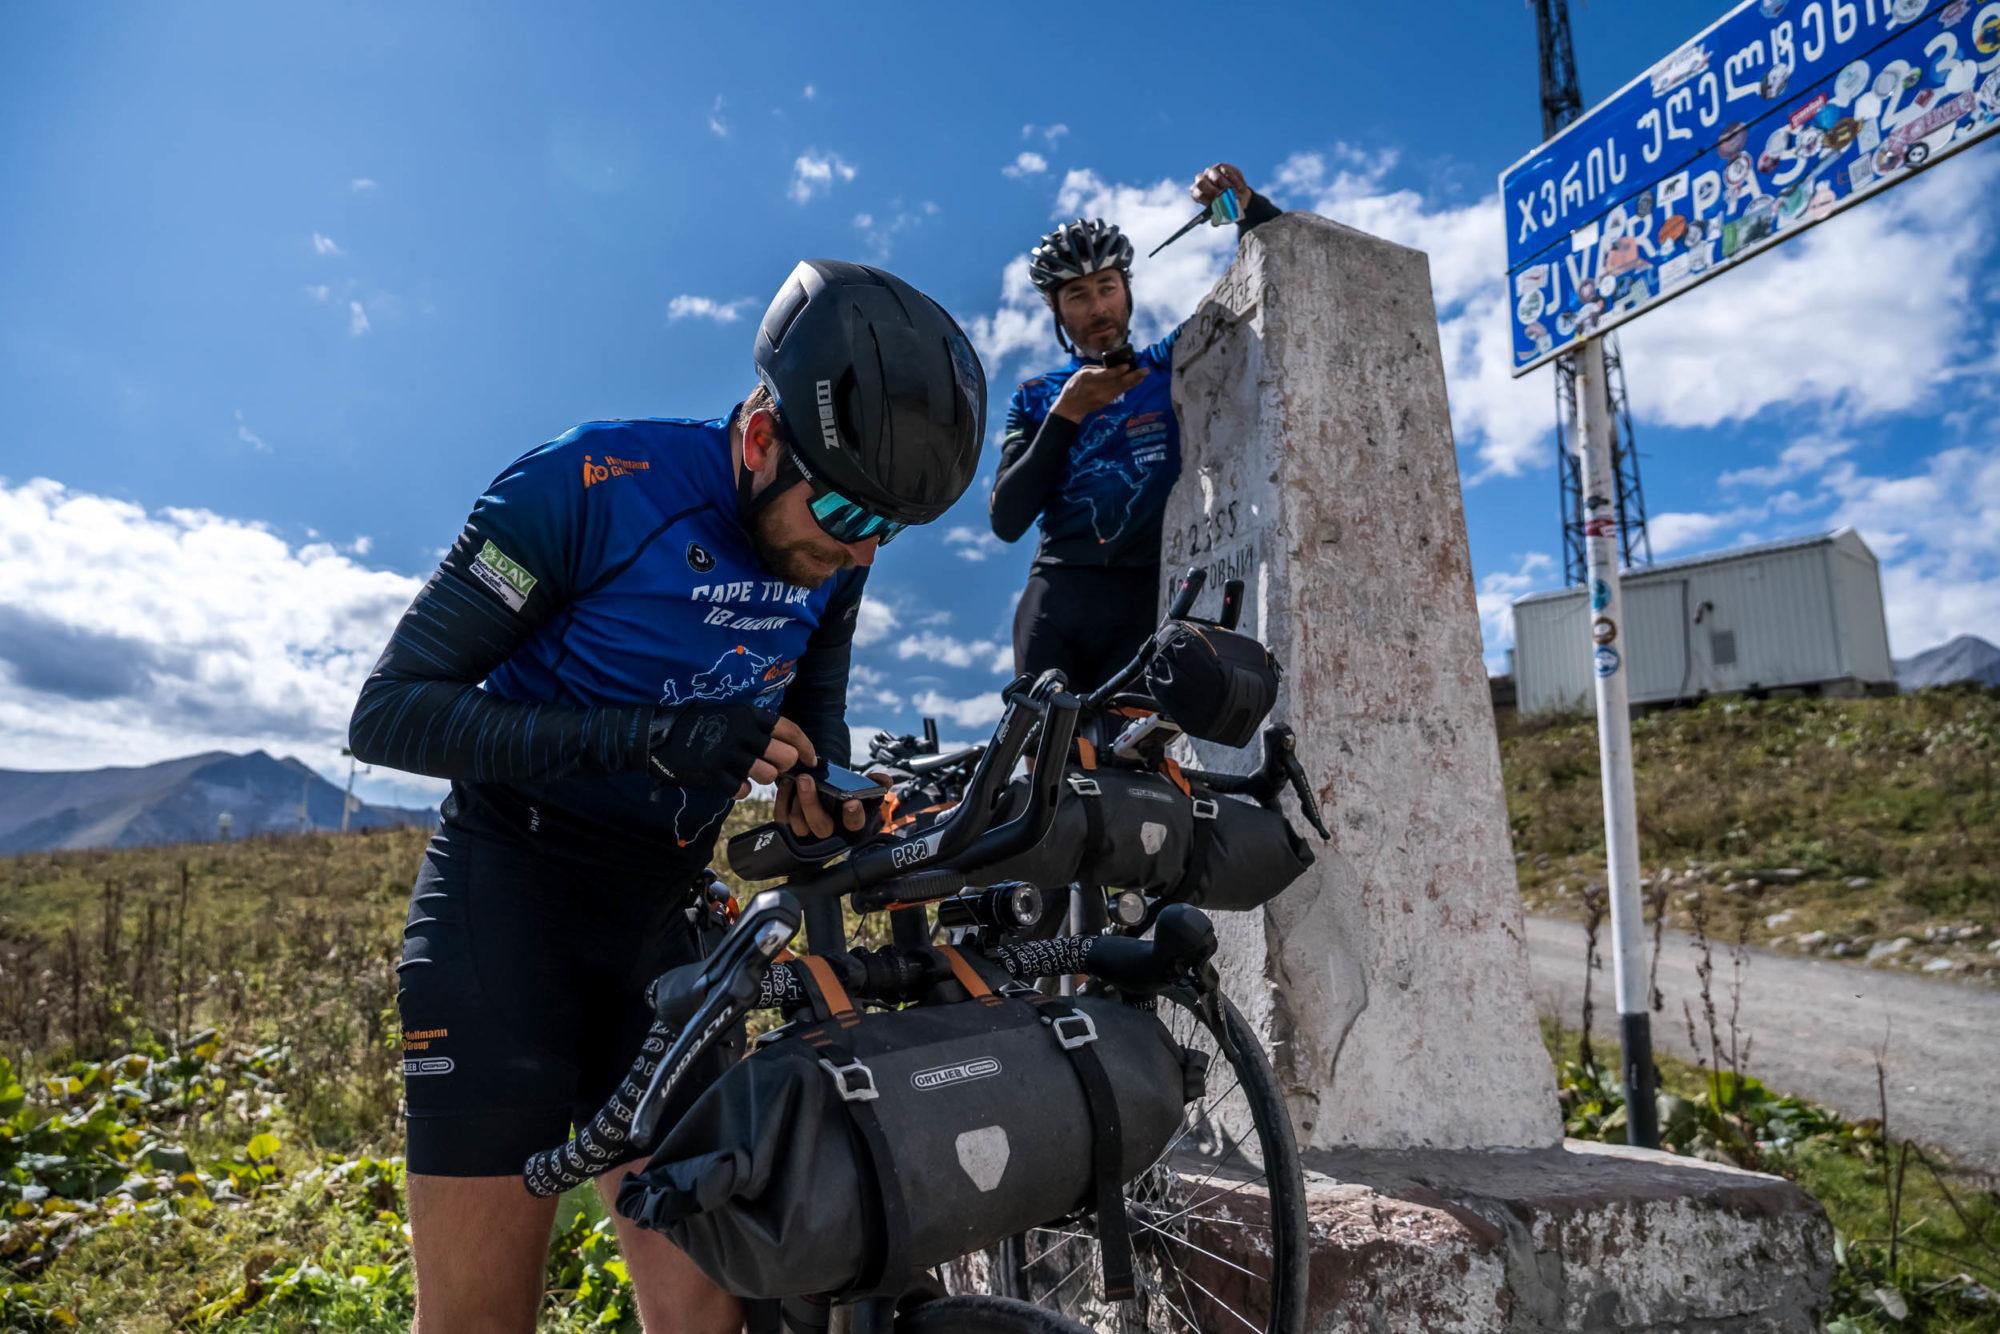 Cape to Cape: Από τη Νορβηγία στη Νότια Αφρική πάνω σε ένα ποδήλατο